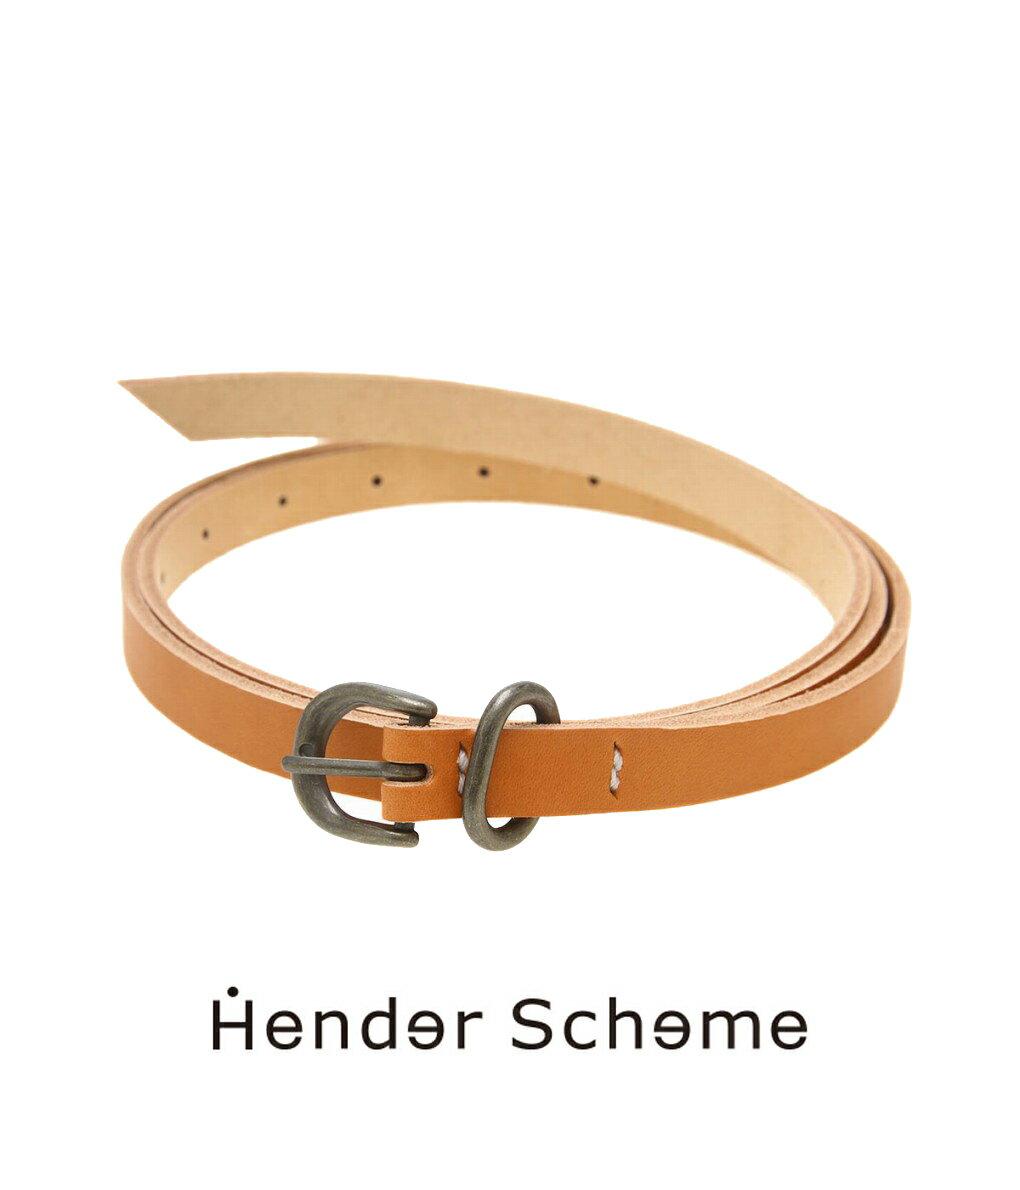 ベルト・サスペンダー, メンズベルト Hender Scheme : tail belt 5 : : bl-rc-tlbBJBRIPANN